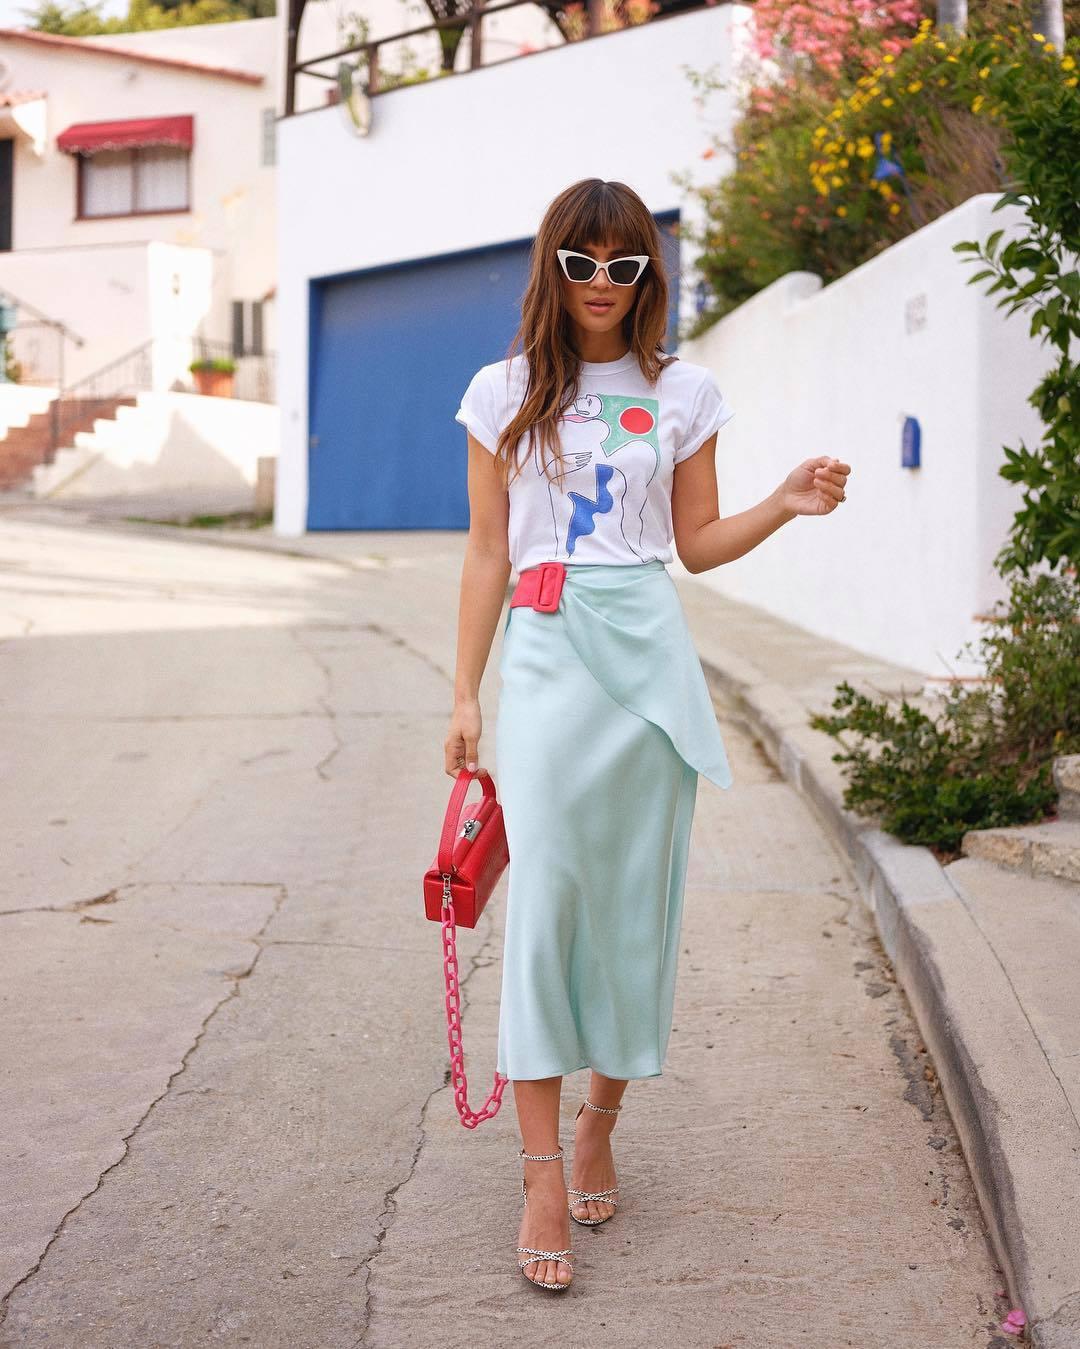 top white t-shirt midi skirt blue skirt satin sandals pink bag skirt light blue rocky barnes instagram blogger t-shirt spring outfits